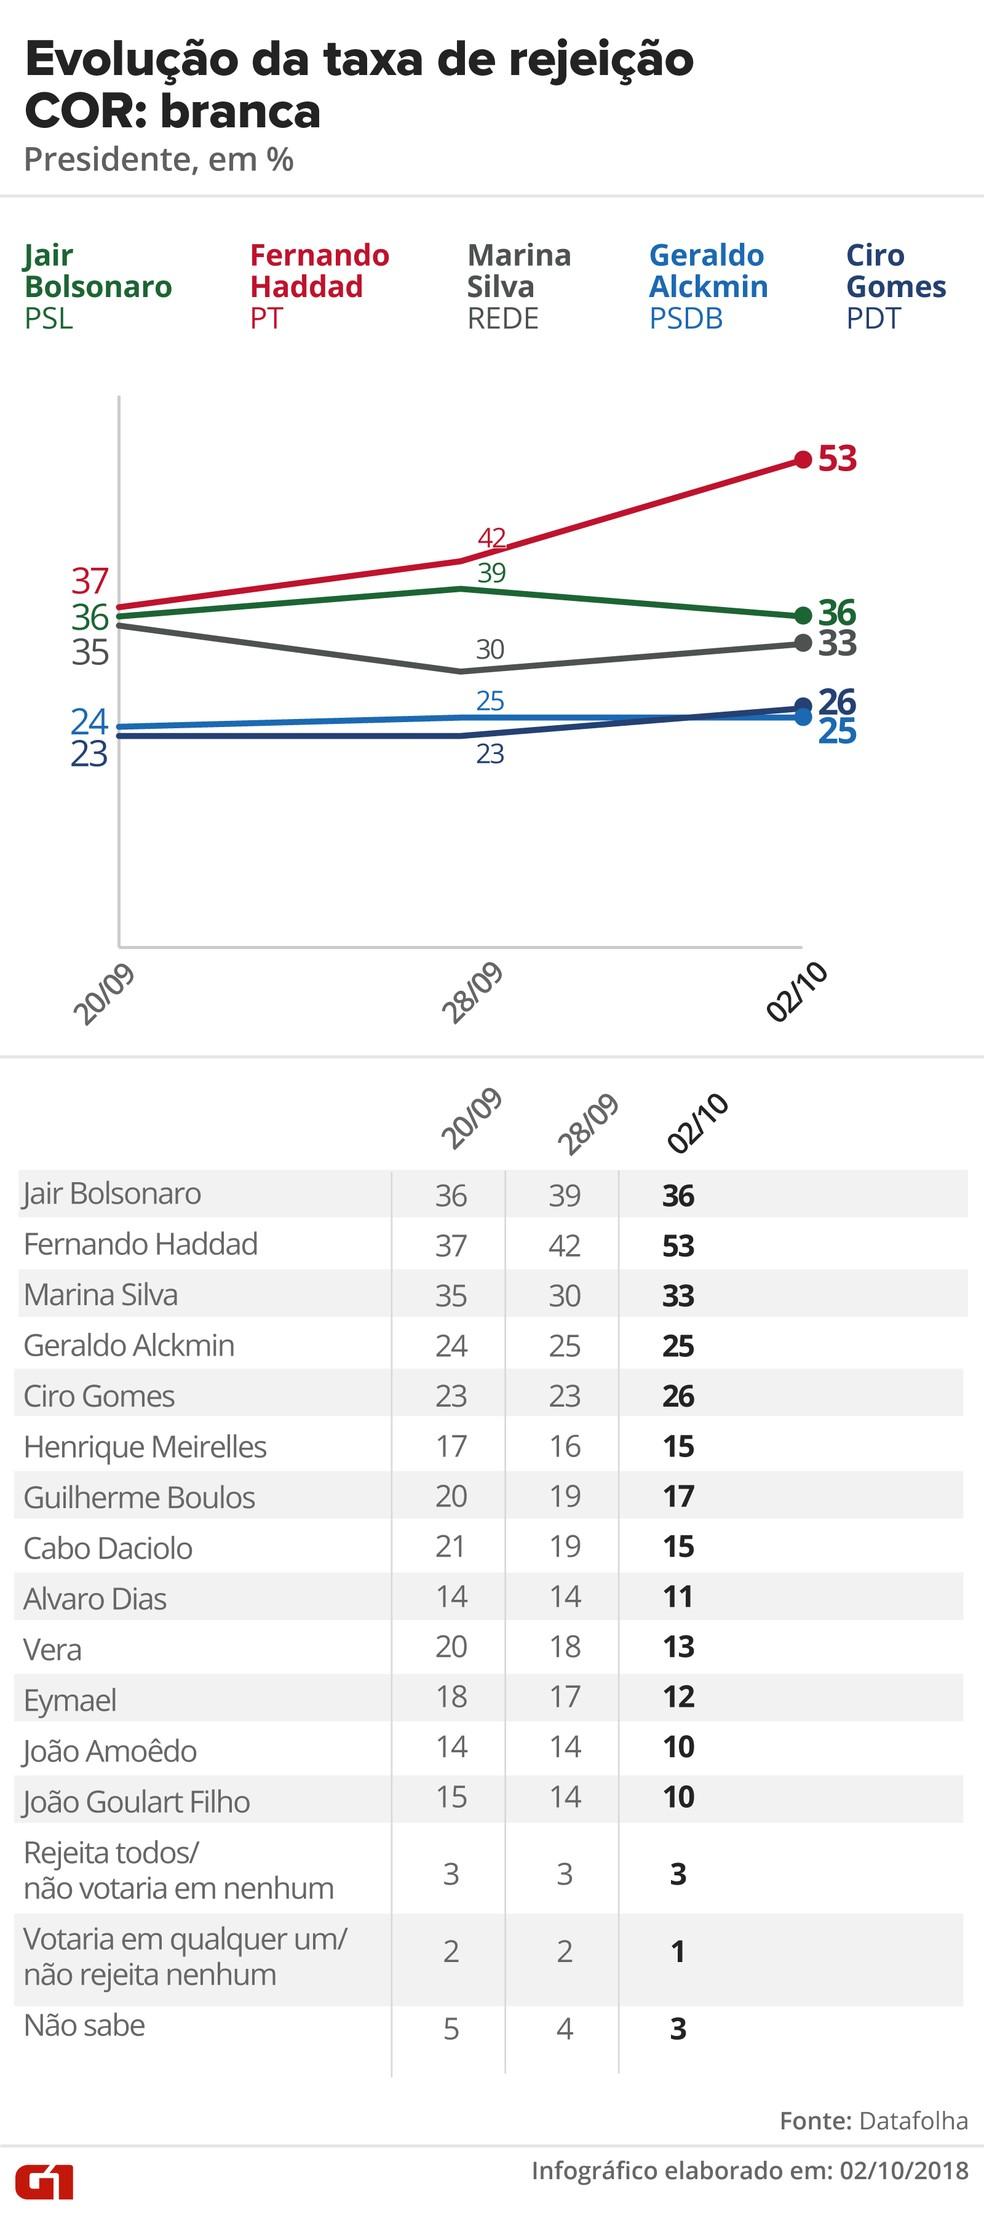 Pesquisa Datafolha, 2/10 para presidente - Rejeição - Cor: Branca — Foto: G1 Arte